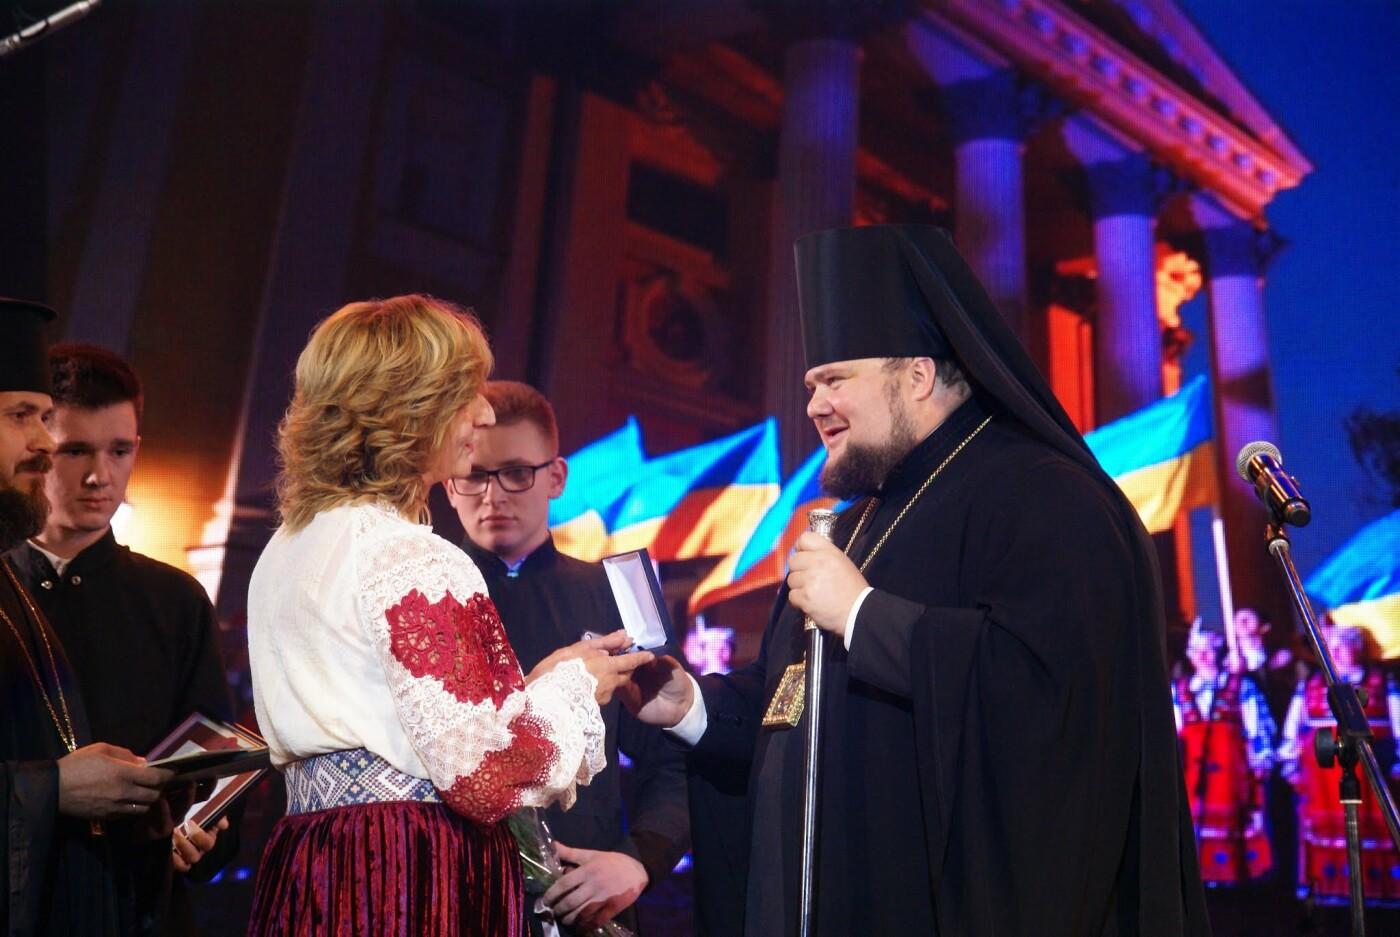 Єпископ Варсонофій відзначив Заслужений академічний Закарпатський народний хор церковною відзнакою до 75-річчя, фото-1